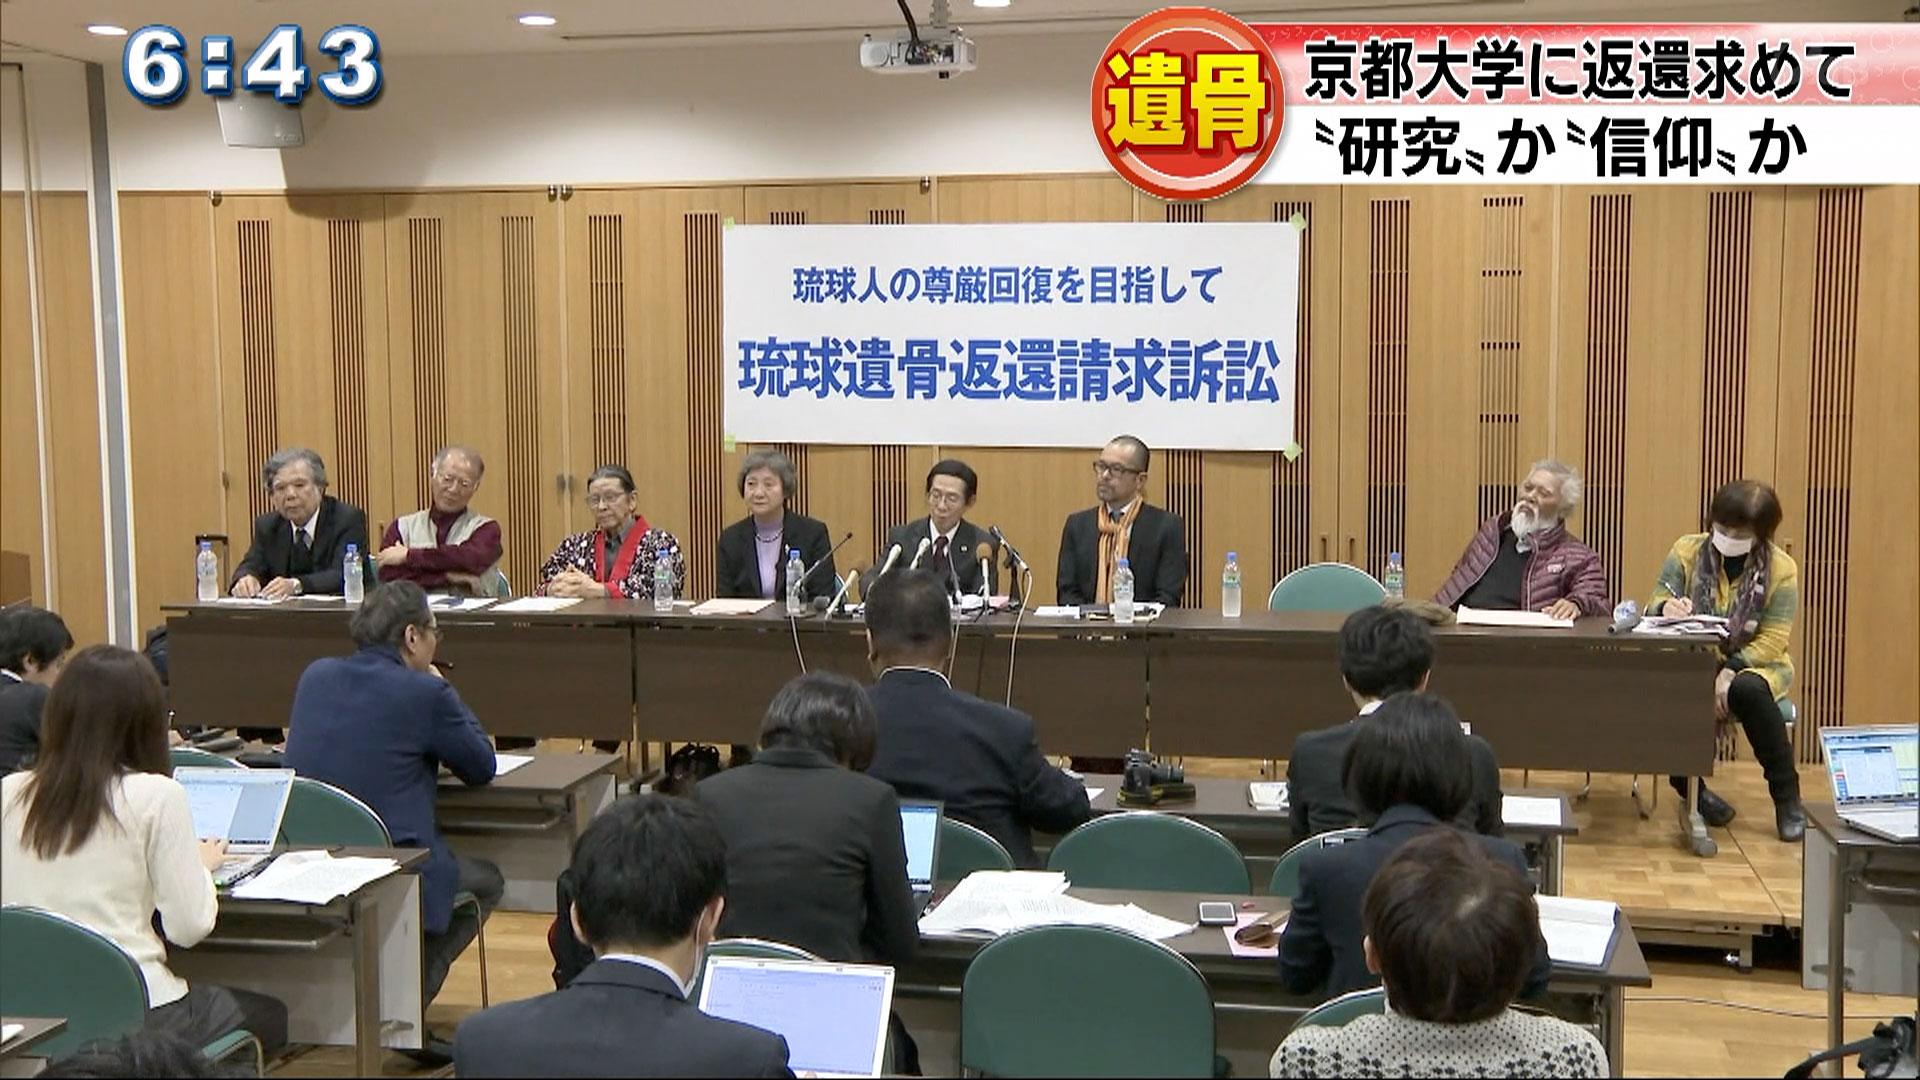 琉球人遺骨返還問題 法廷外で新たな争い